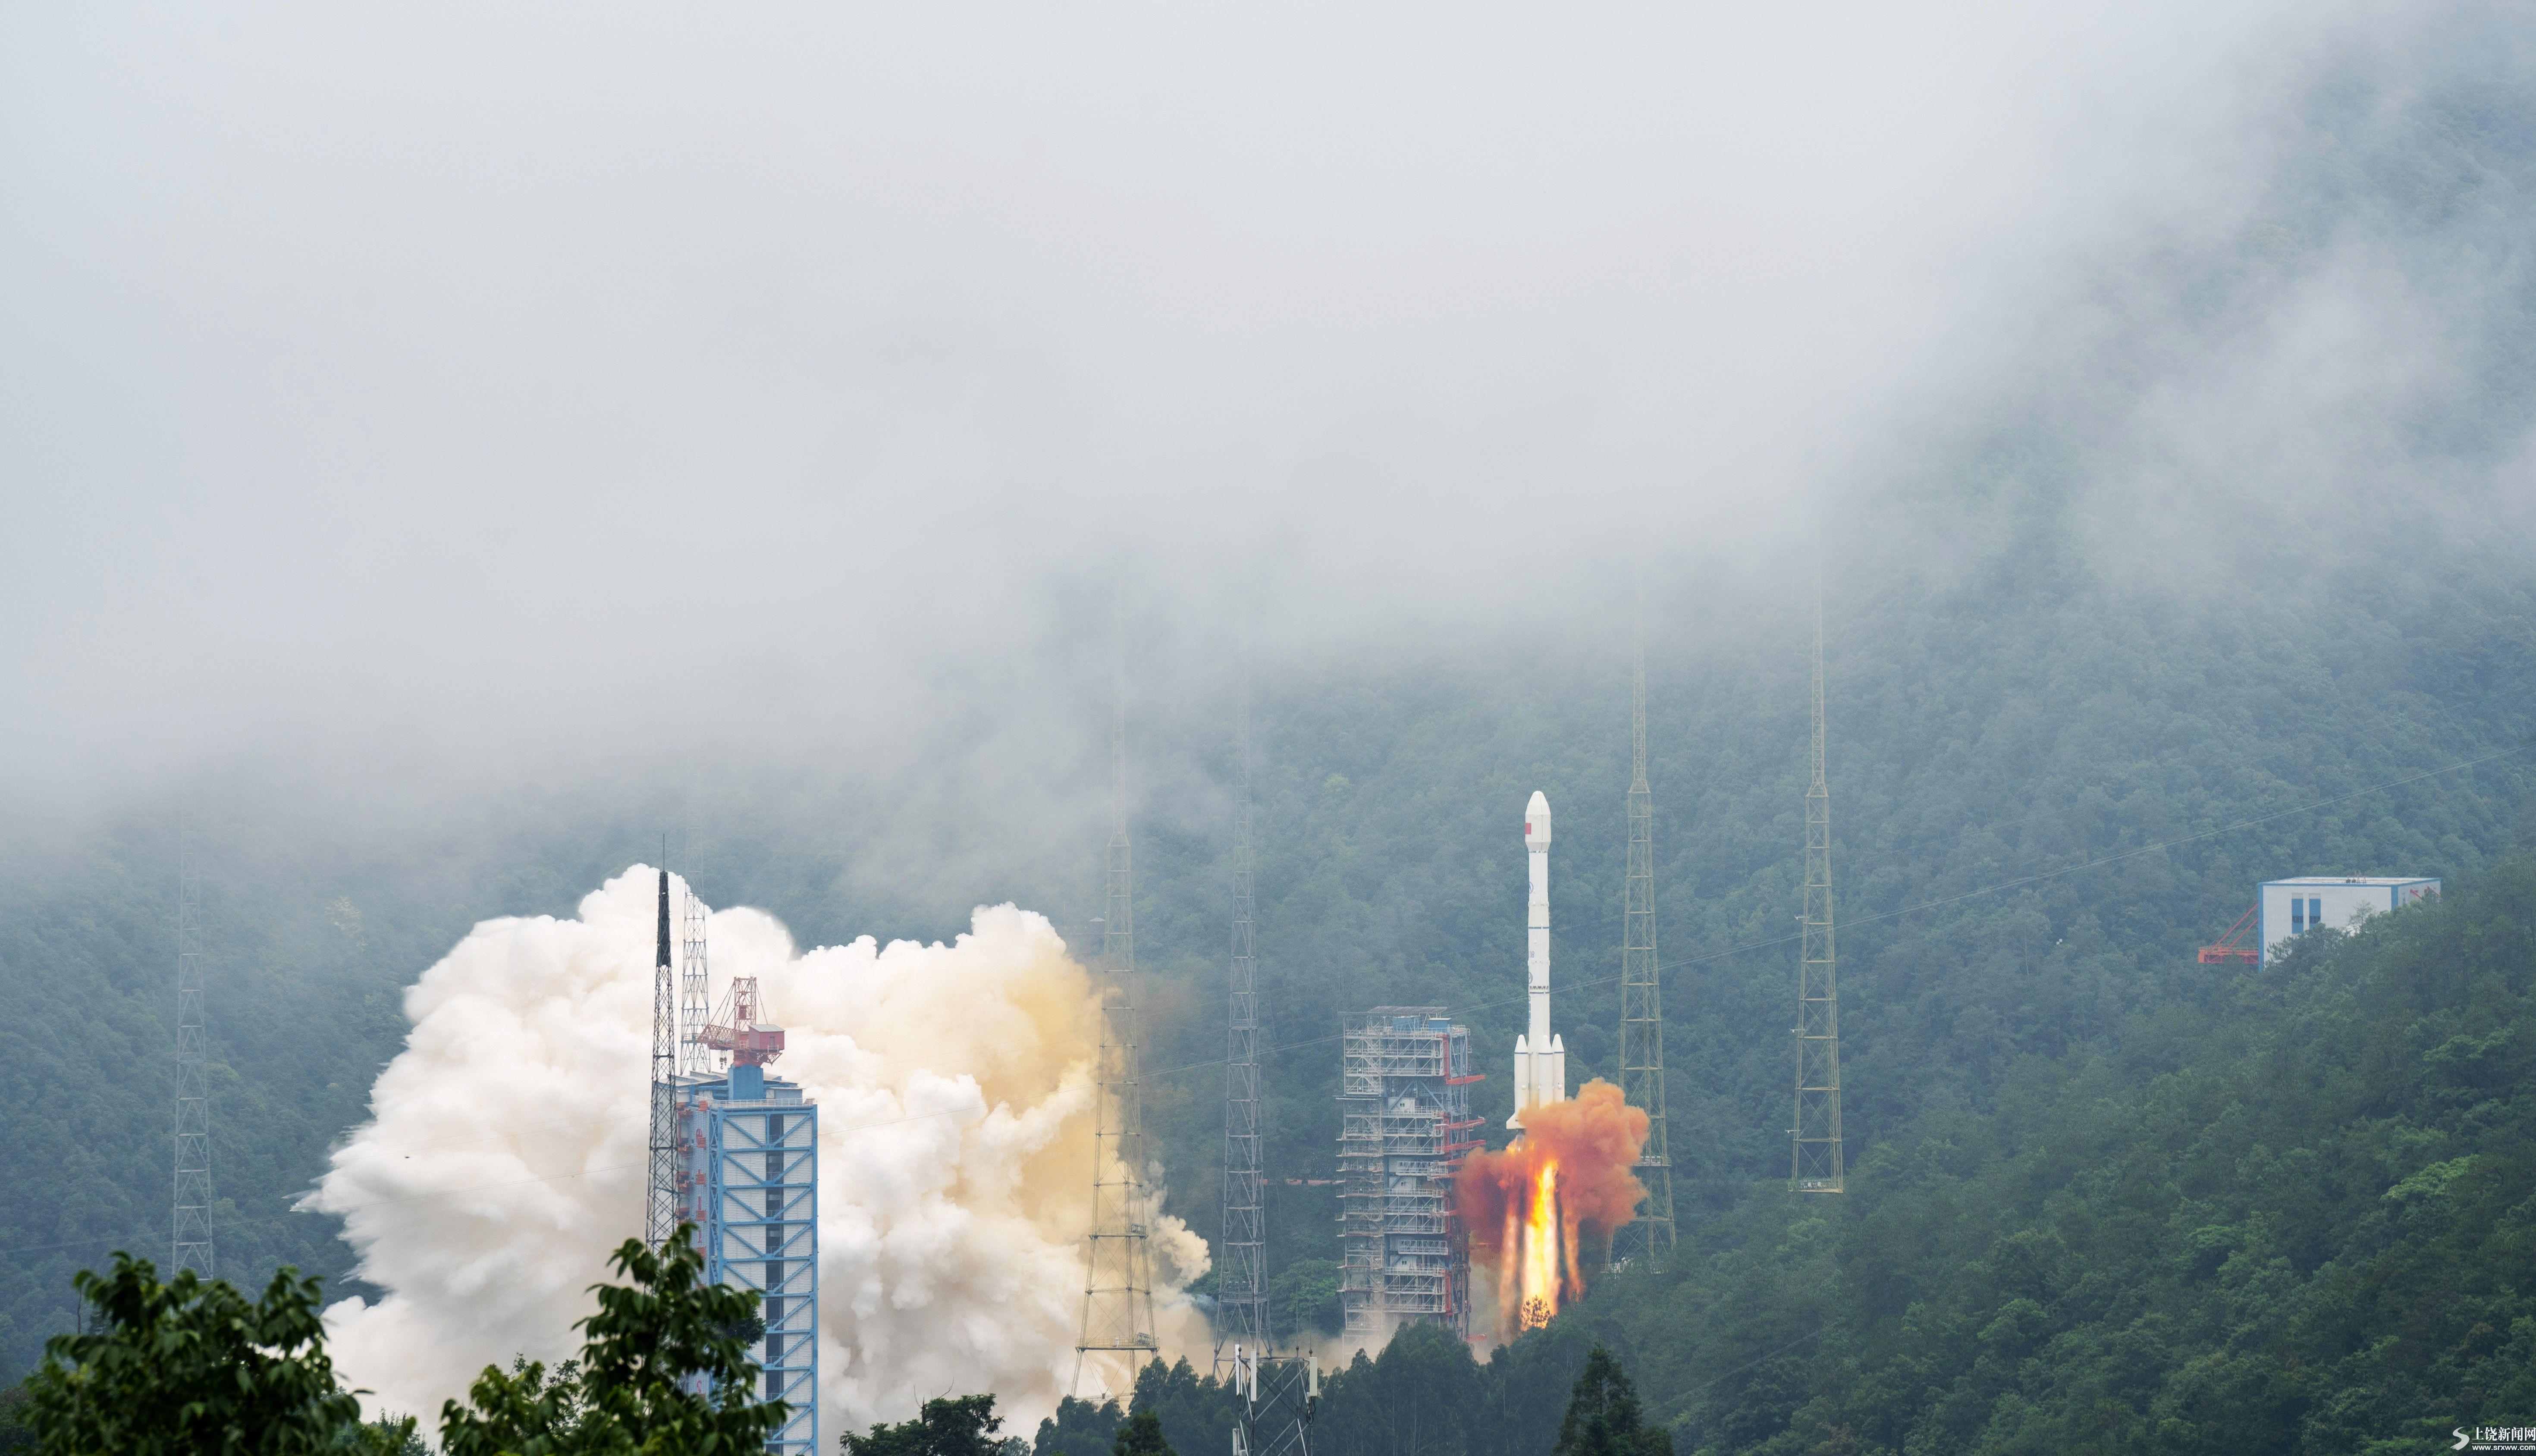 中国北斗 服务全球——写在我国完成北斗全球卫星导航系统